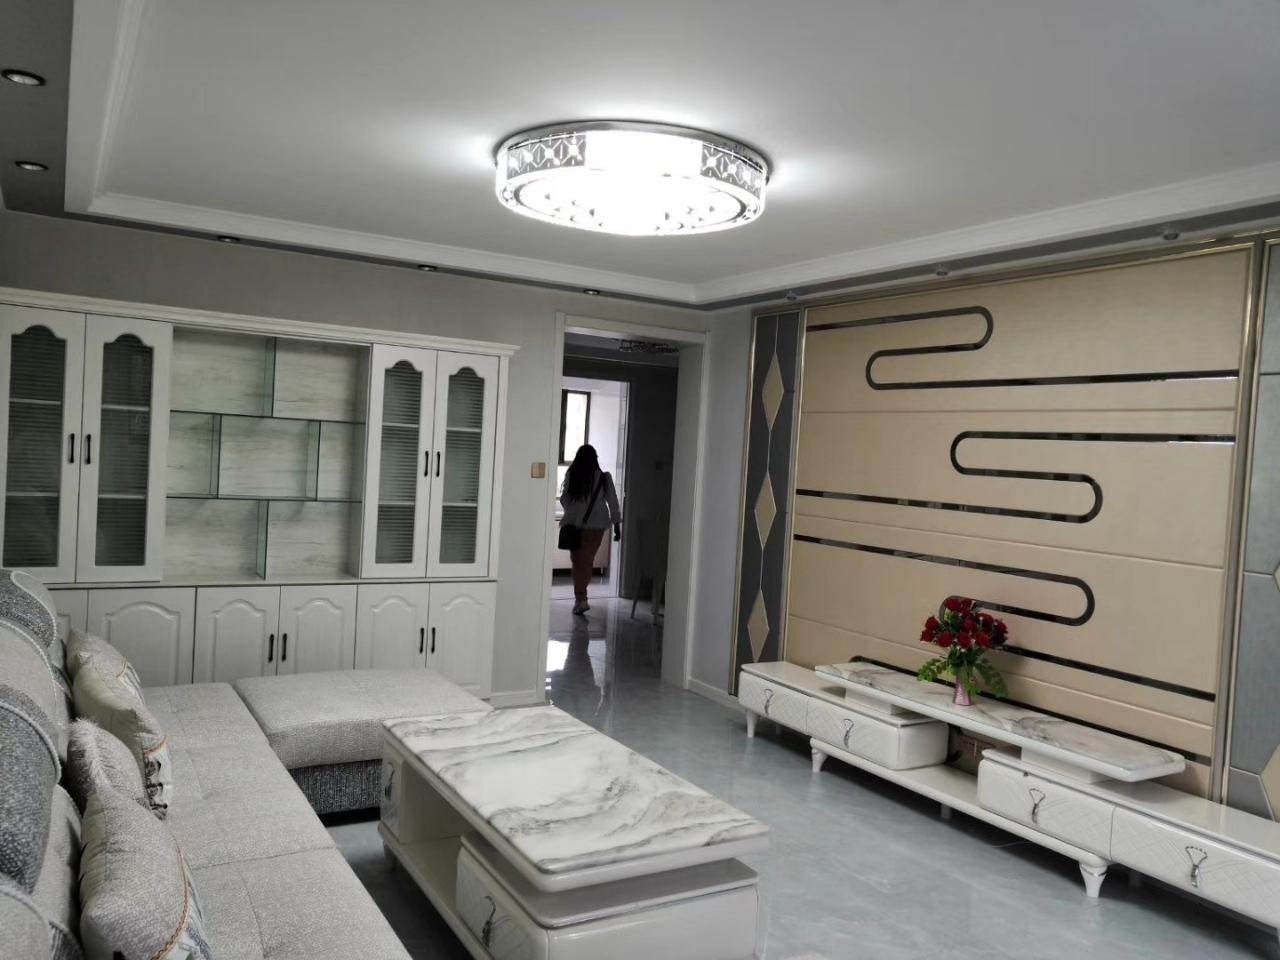 新城区汉王酒店附近精装房按揭急售3室 2厅 1卫48.8万元